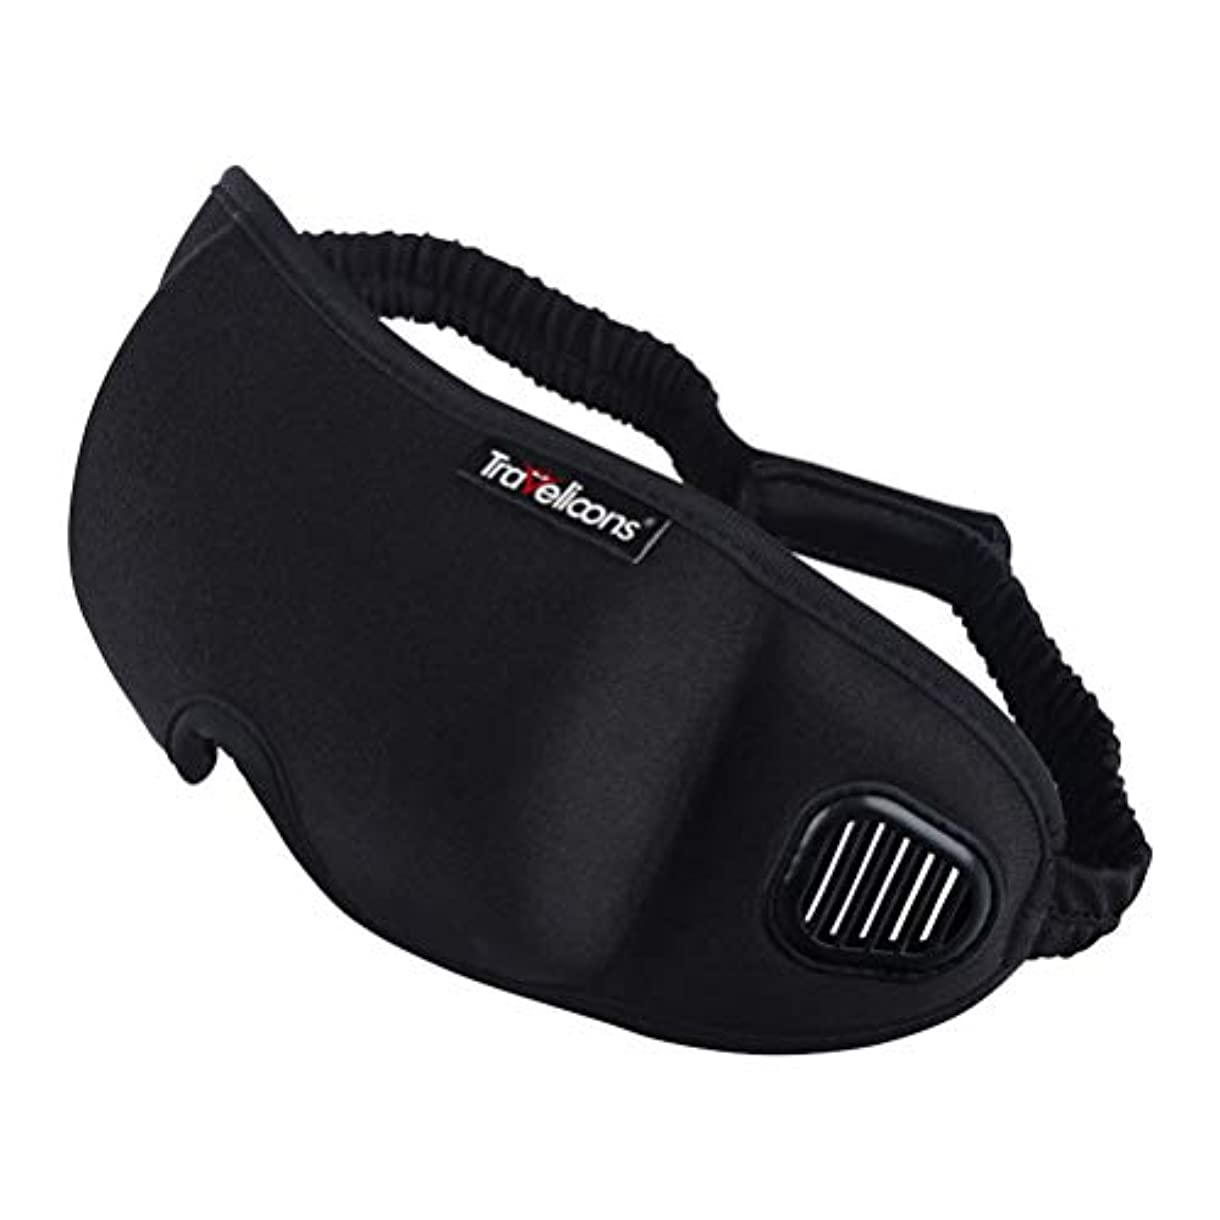 ペレットステレオタイプアシスタントSUPVOX 男性と女性のための3Dスリープアイマスク(耳栓のない黒)